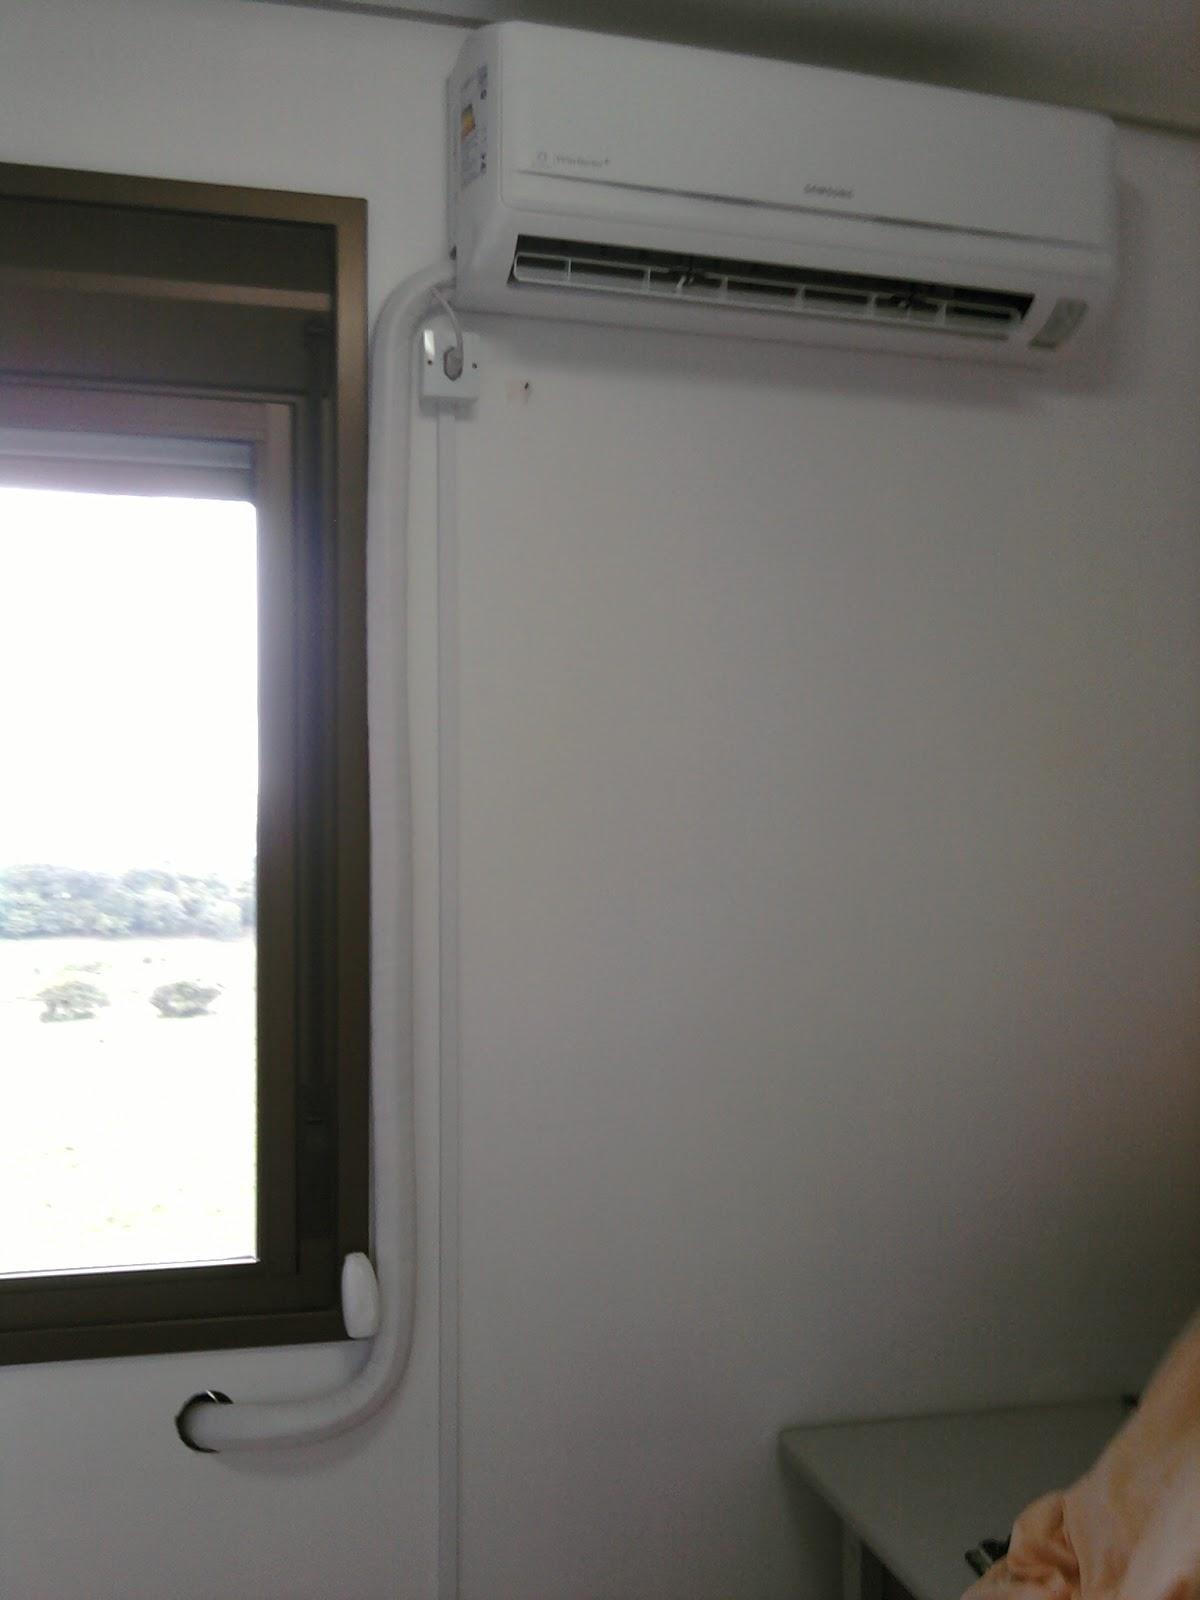 #667457 Ar Condicionado Split Instalação Aparente 4212 Instalar Ar Condicionado Janela Apartamento